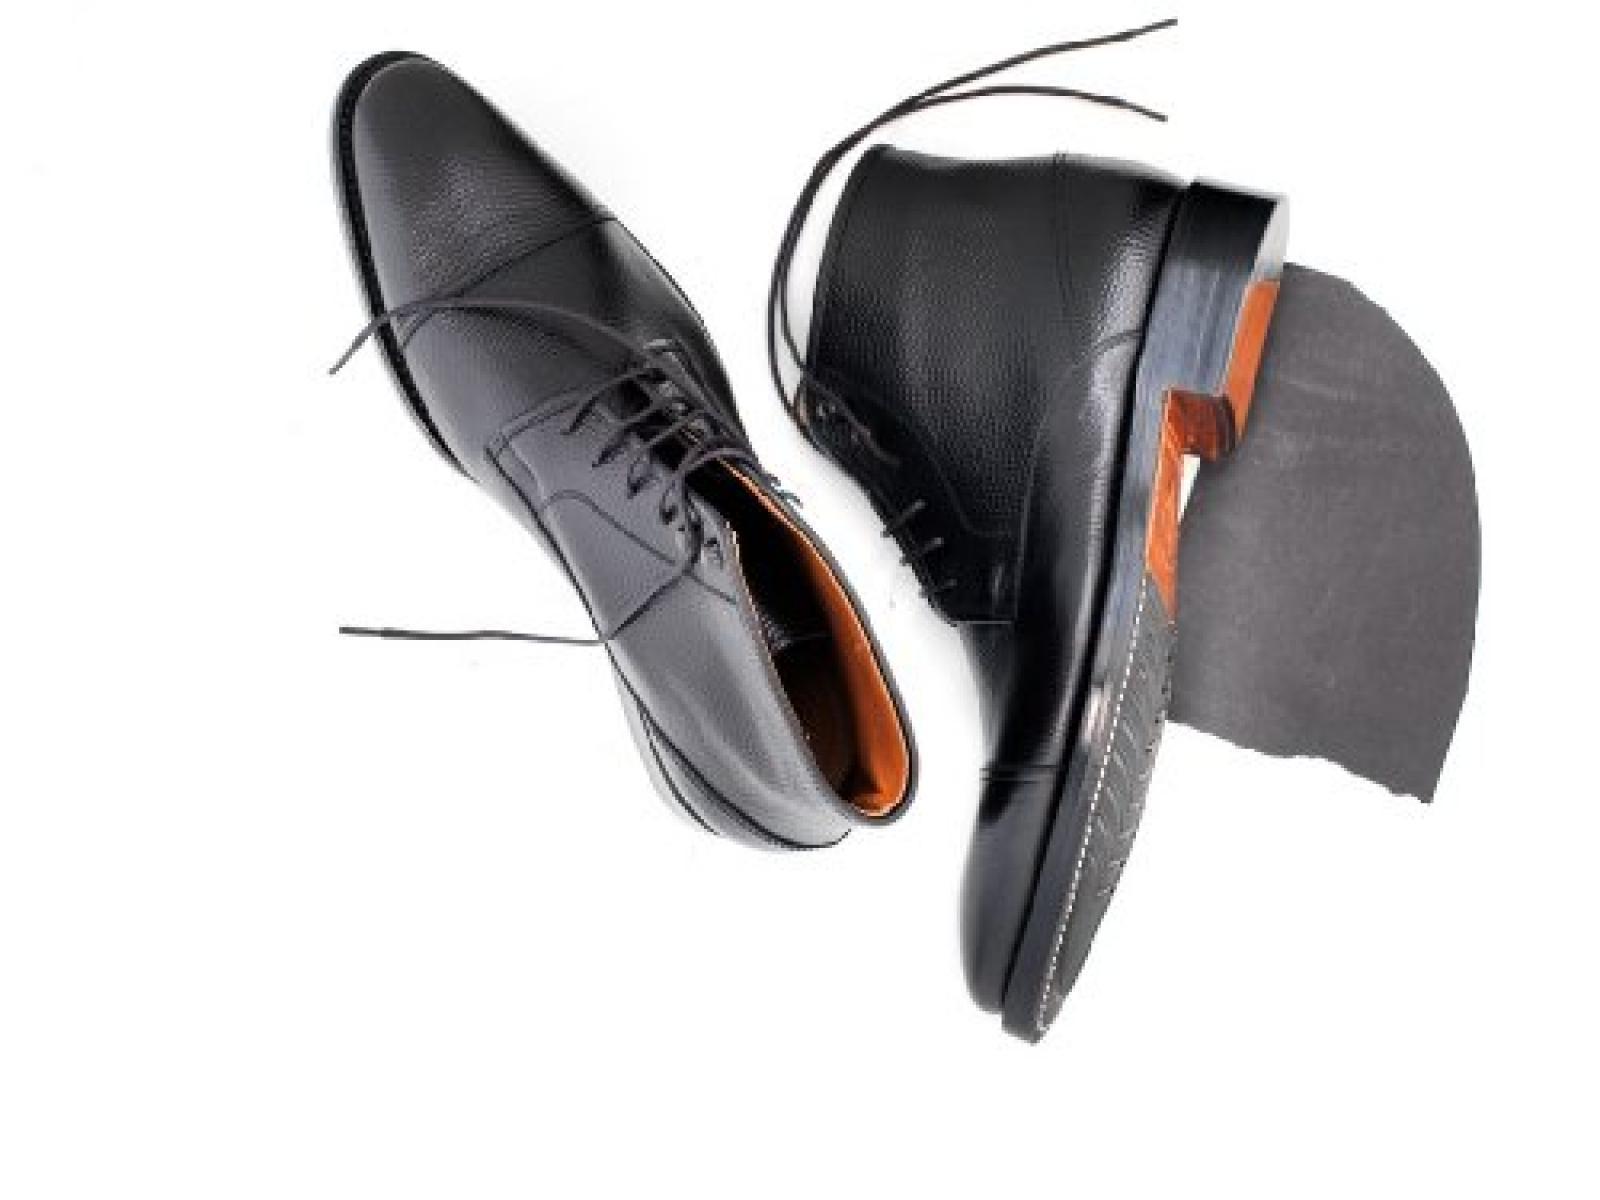 Prime Shoes Berlin Rahmengenäht Schwarz Schnürstiefelette aus feinsten Kalbsleder 42